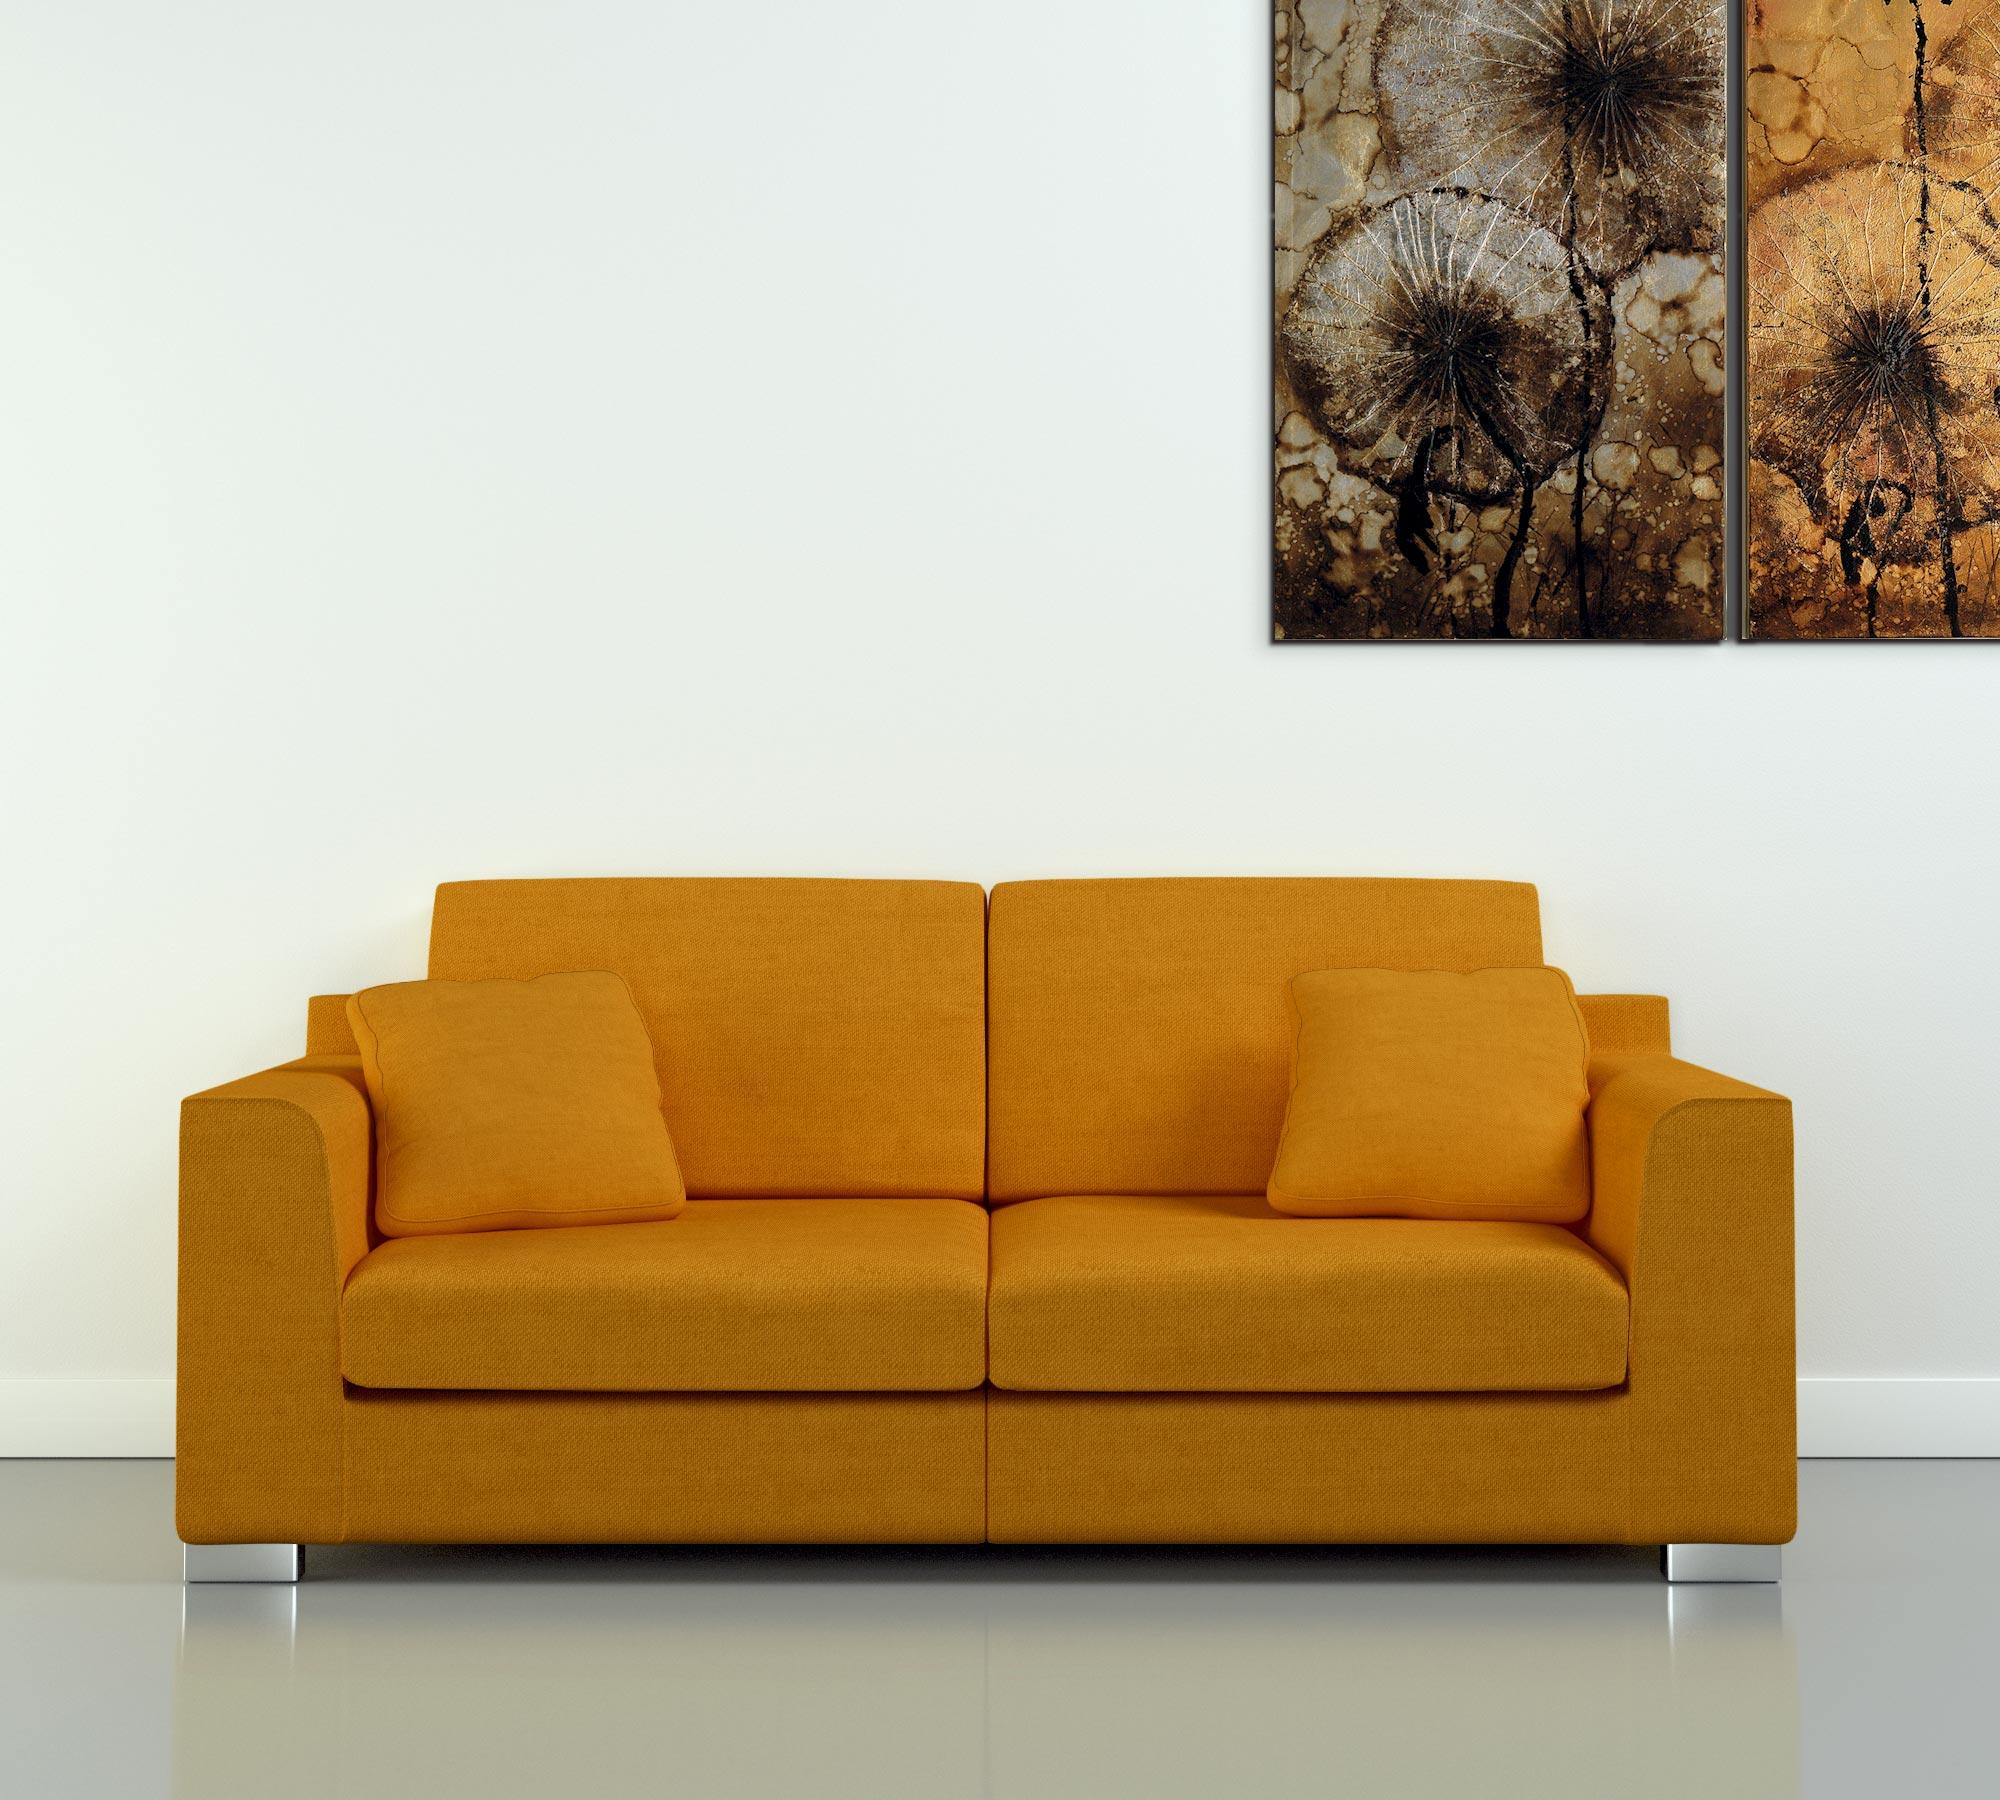 Divano color senape casamia idea di immagine - Divano color senape ...